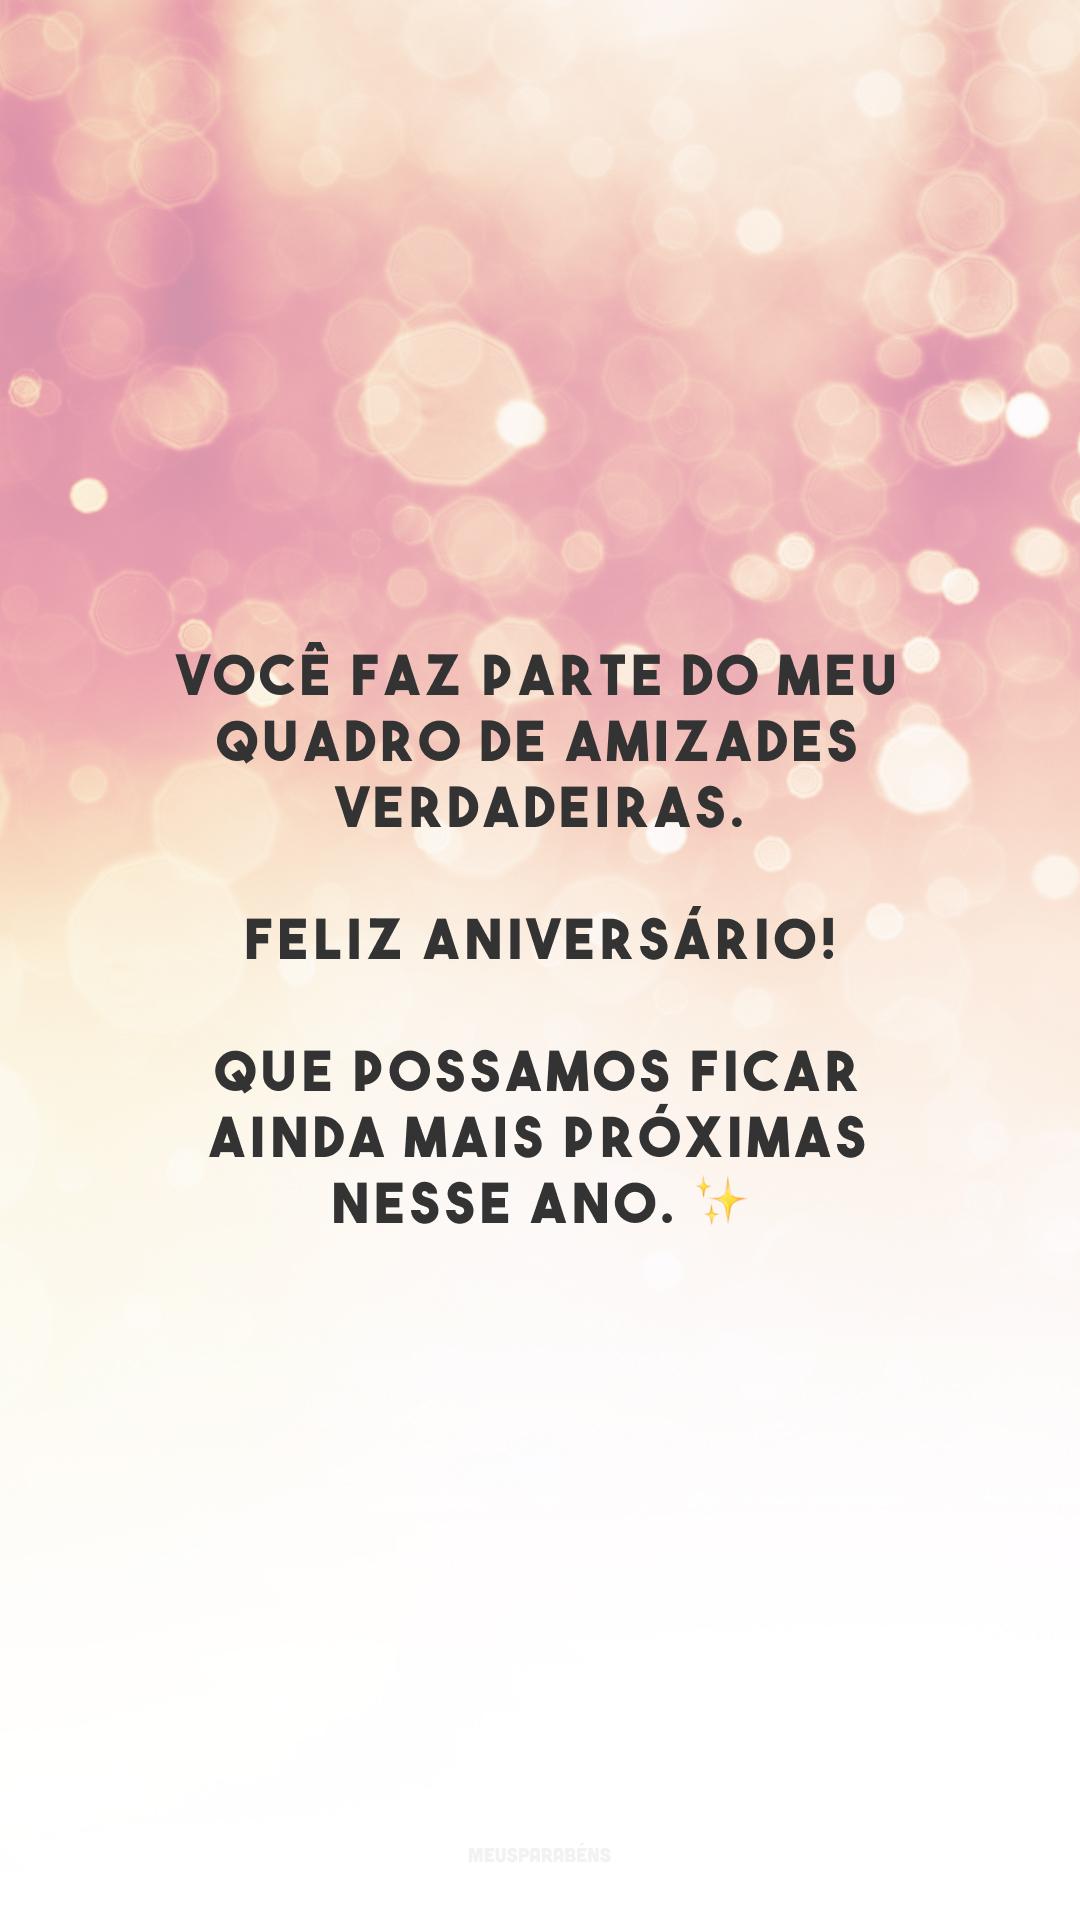 Você faz parte do meu quadro de amizades verdadeiras. Feliz aniversário! Que possamos ficar ainda mais próximas nesse ano. ✨